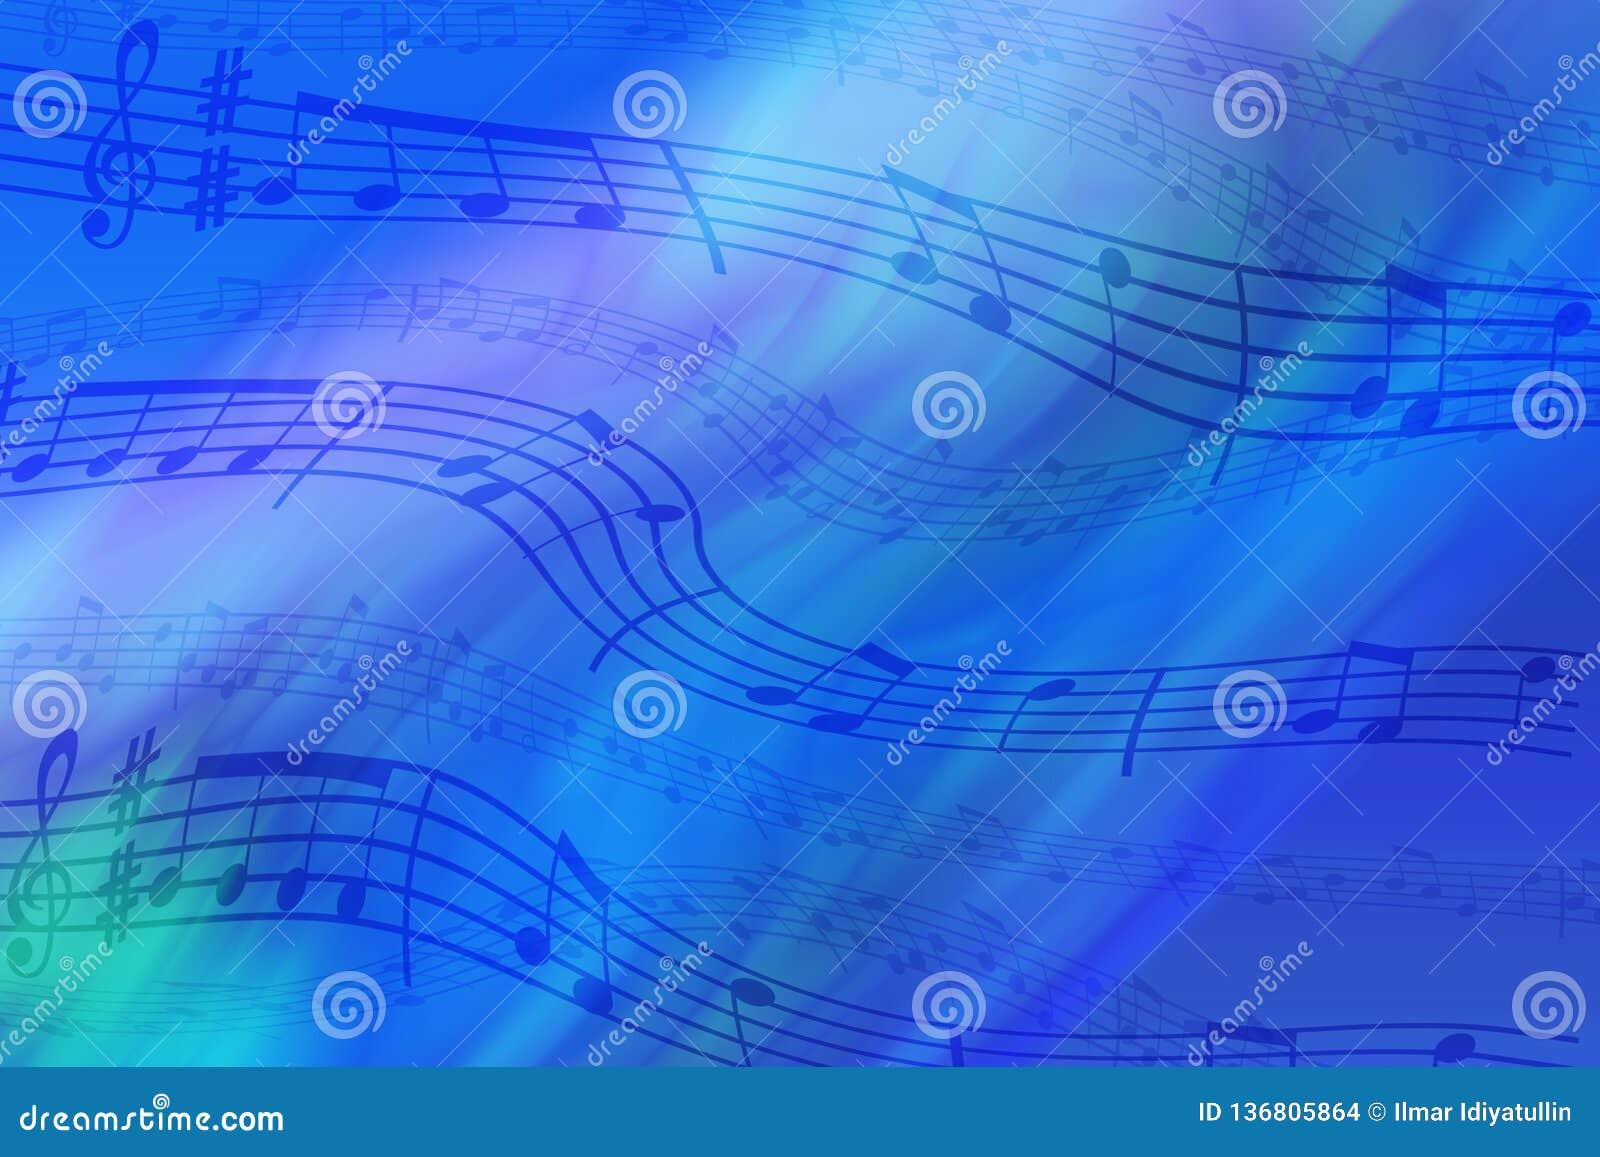 Samenvatting gekleurde achtergrond op het thema van muziek Achtergrond van golvende en gekleurde strepen Achtergrond van gestilee